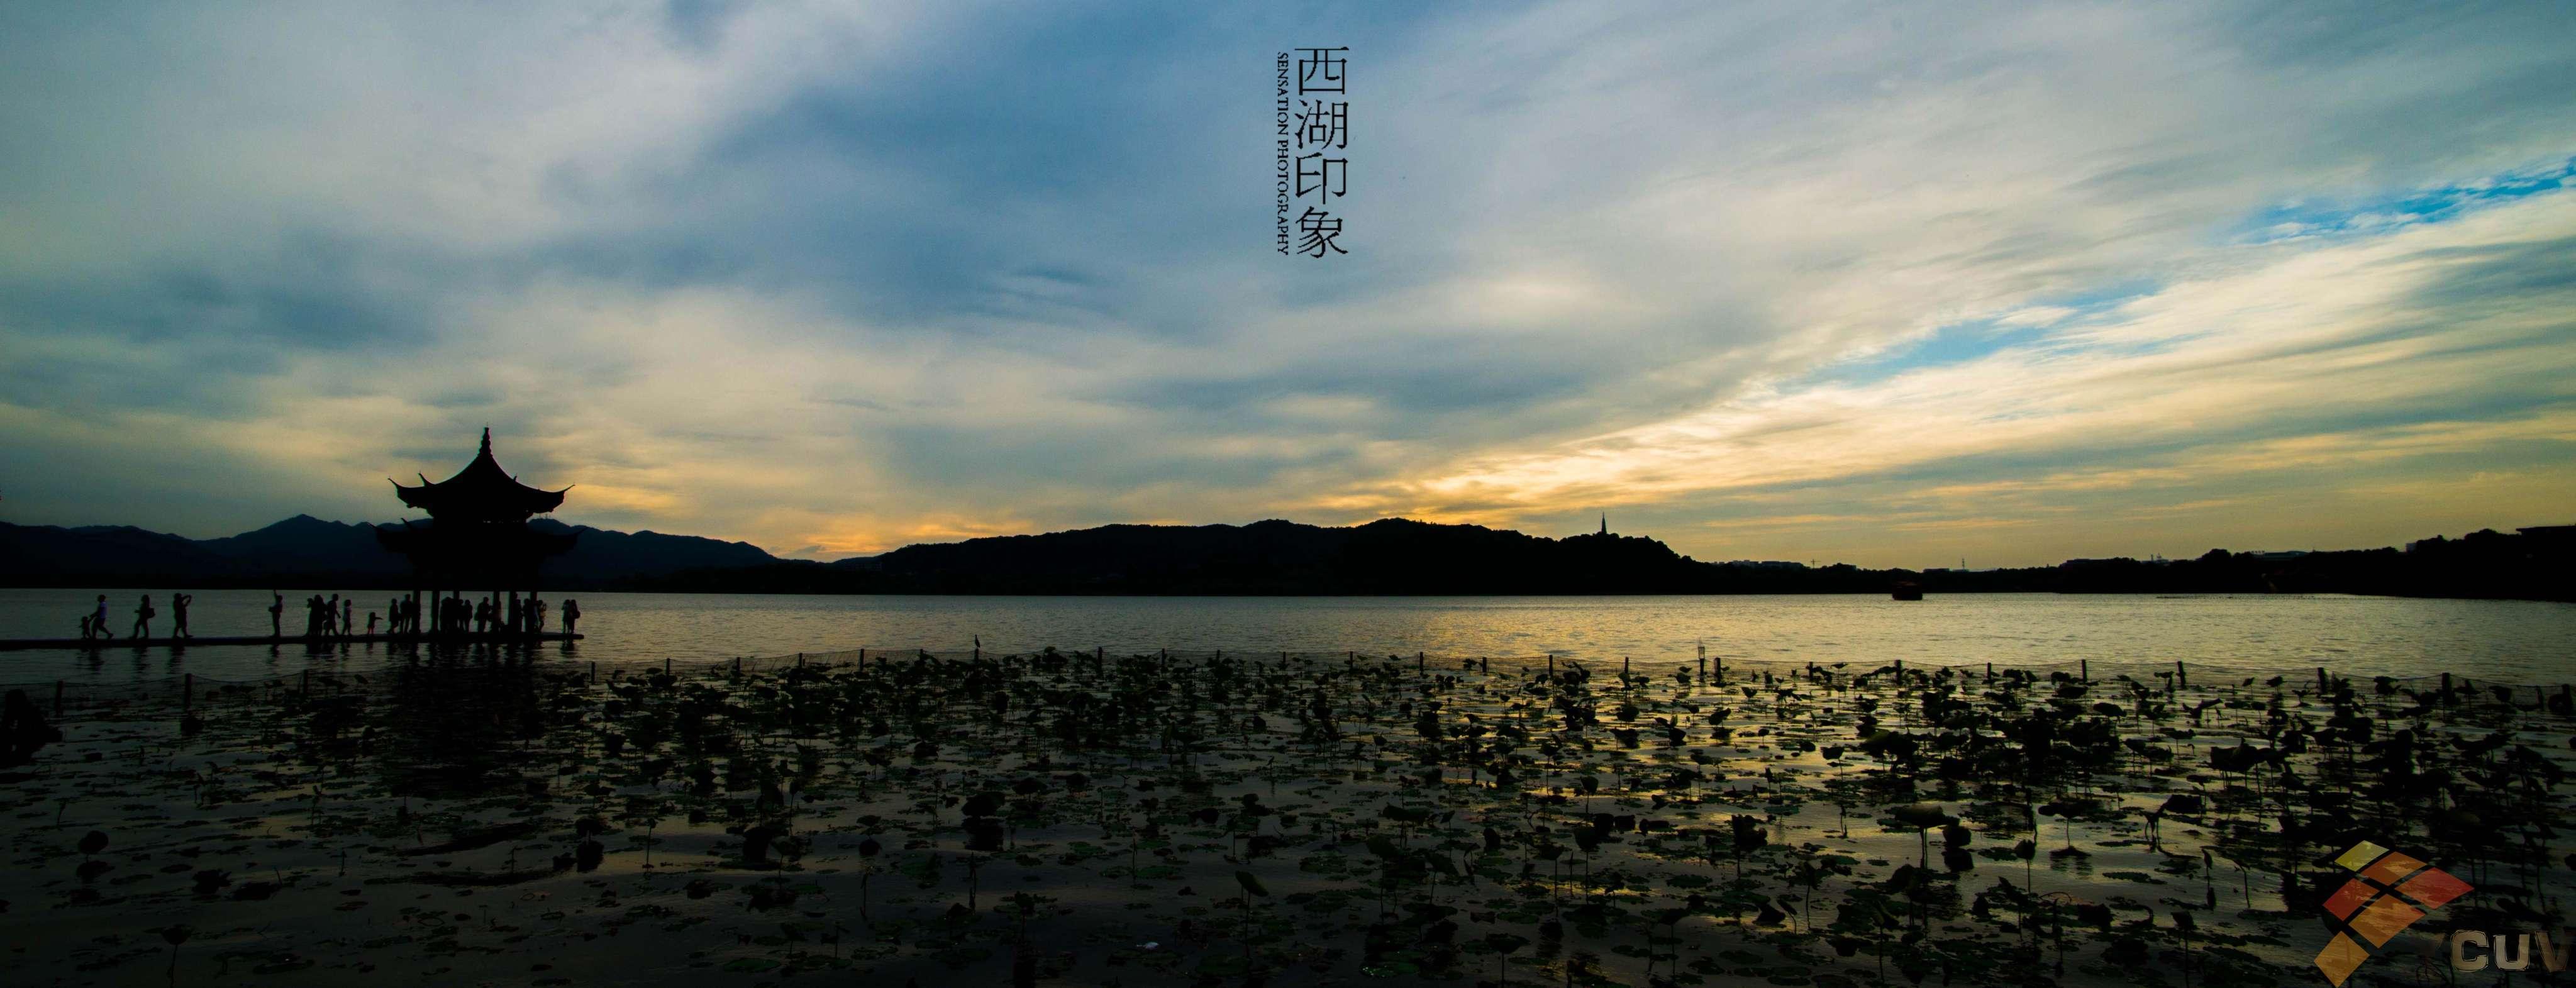 西湖横幅风景图片